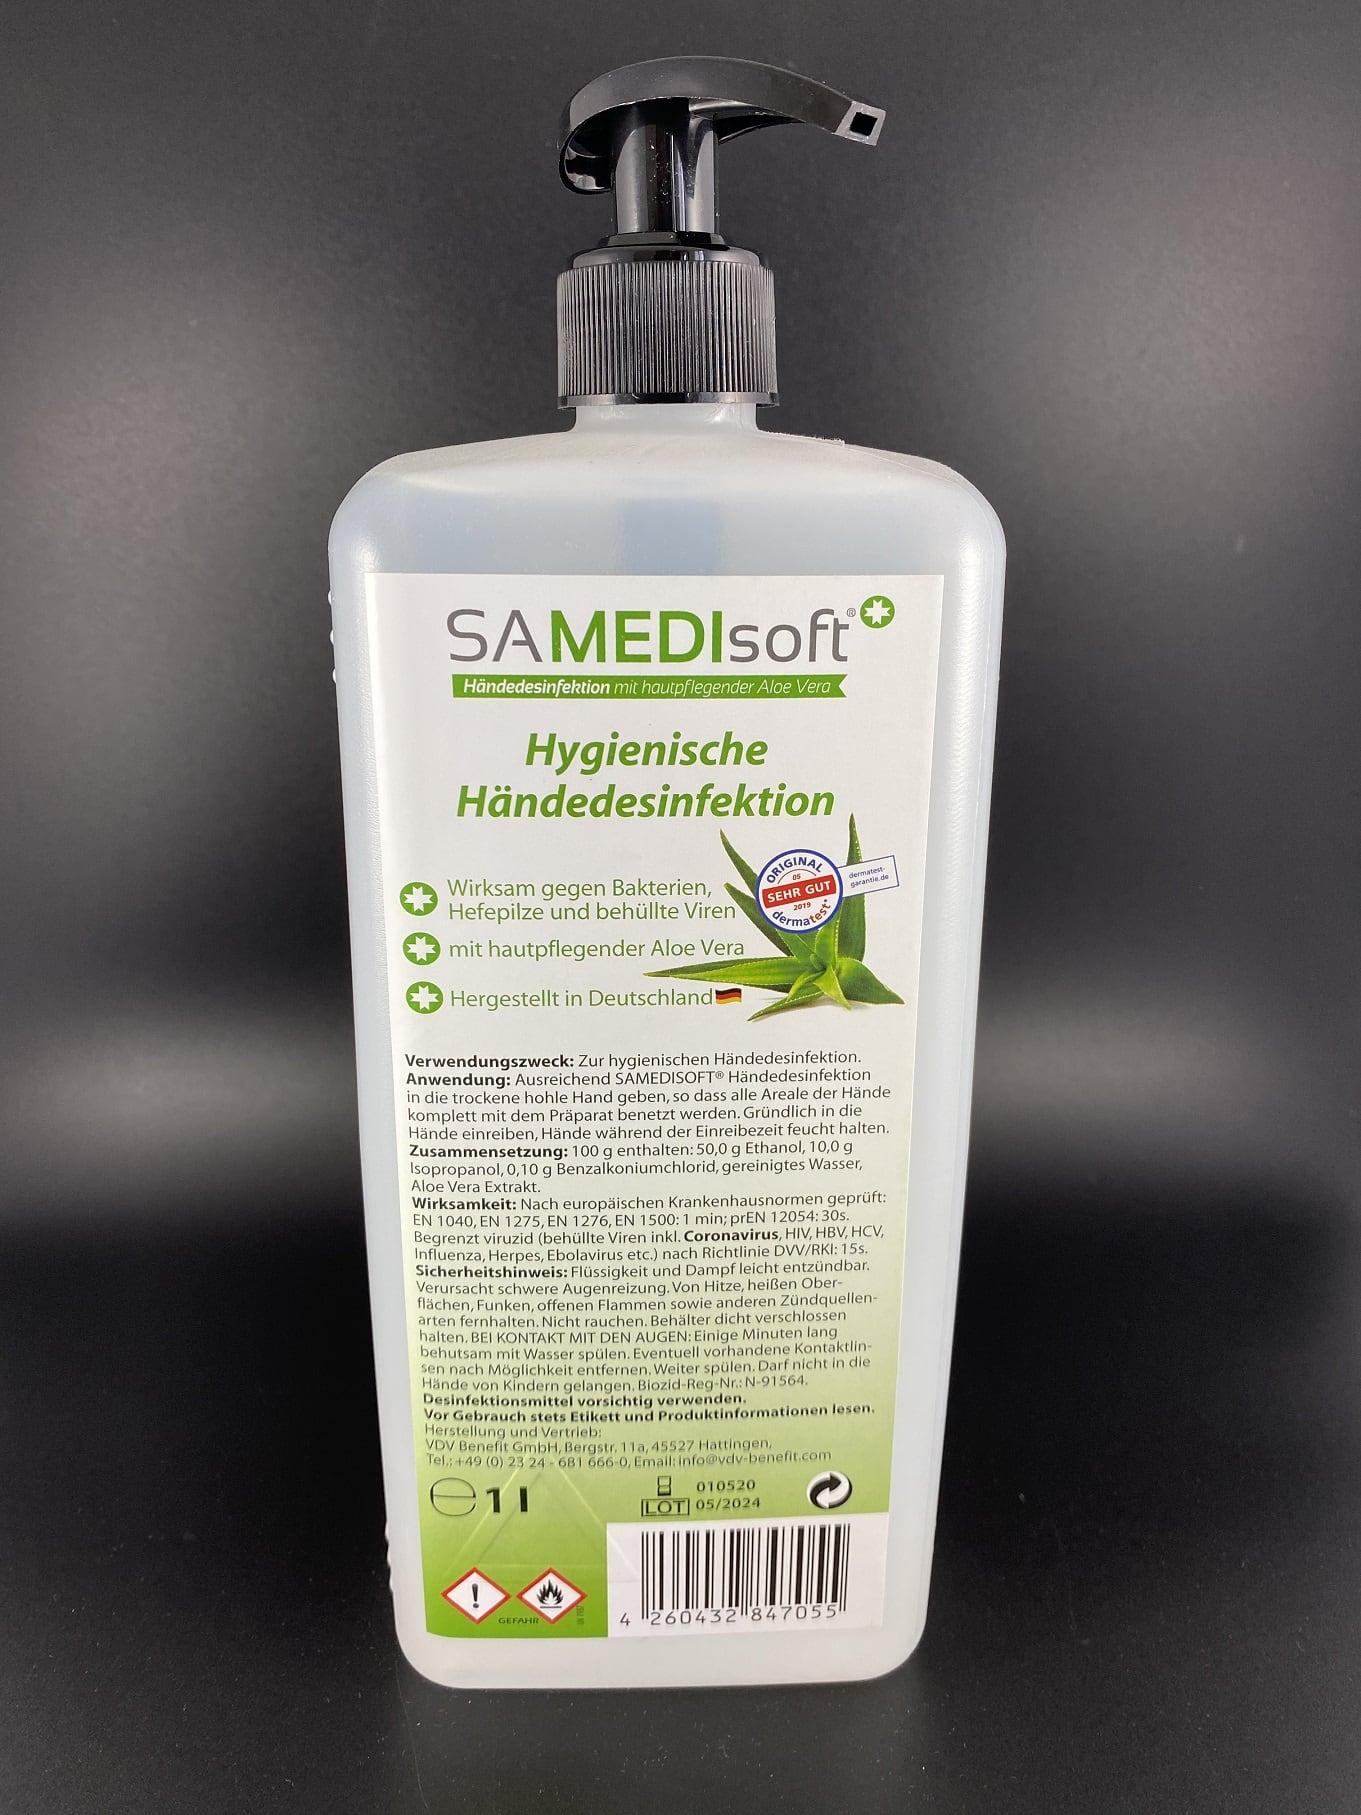 SAMEDIsoft Händedesinfektion mit Aloe Vera 1L